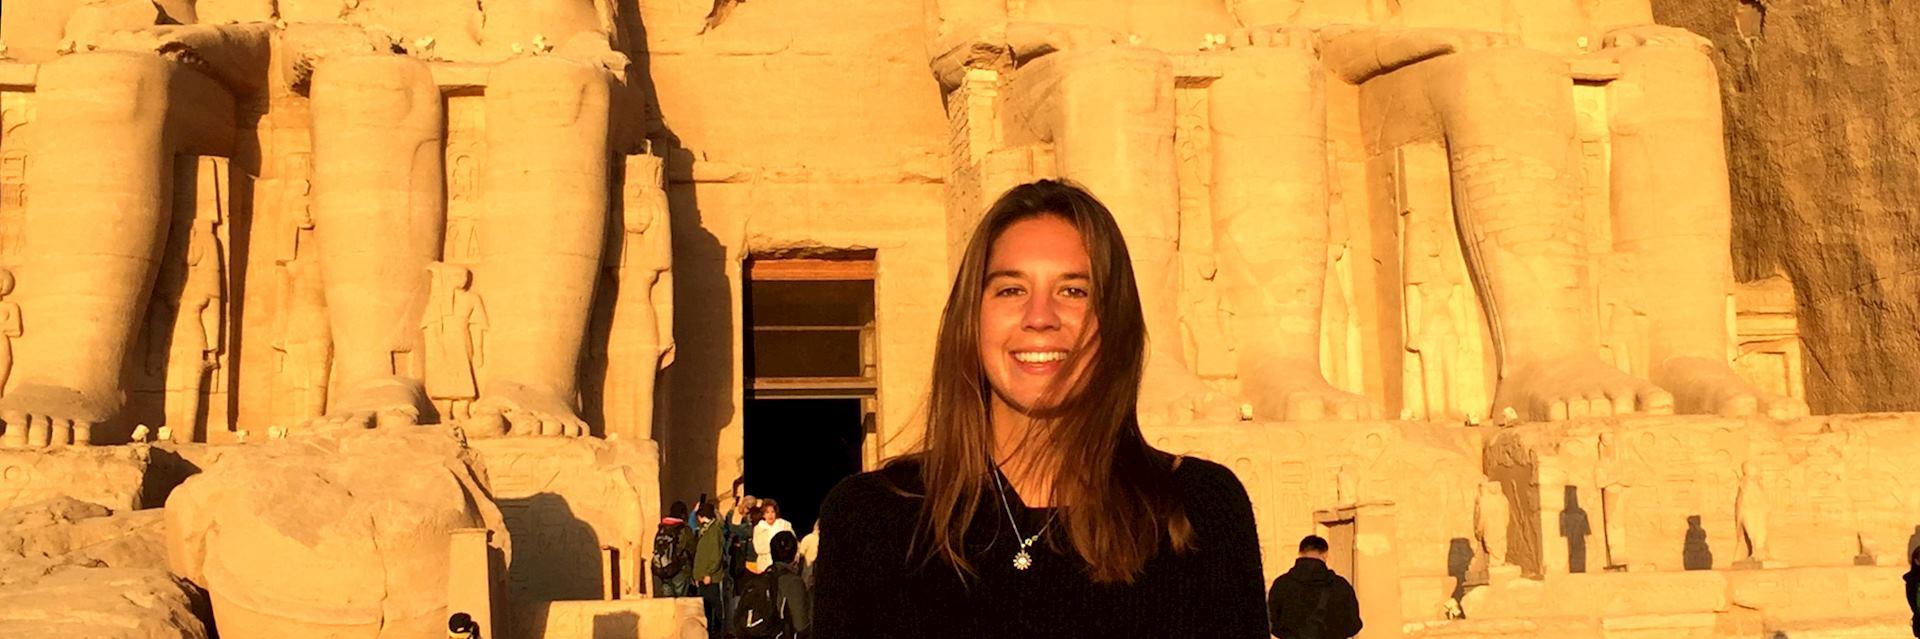 Millie visiting Abu Simbel, Egypt